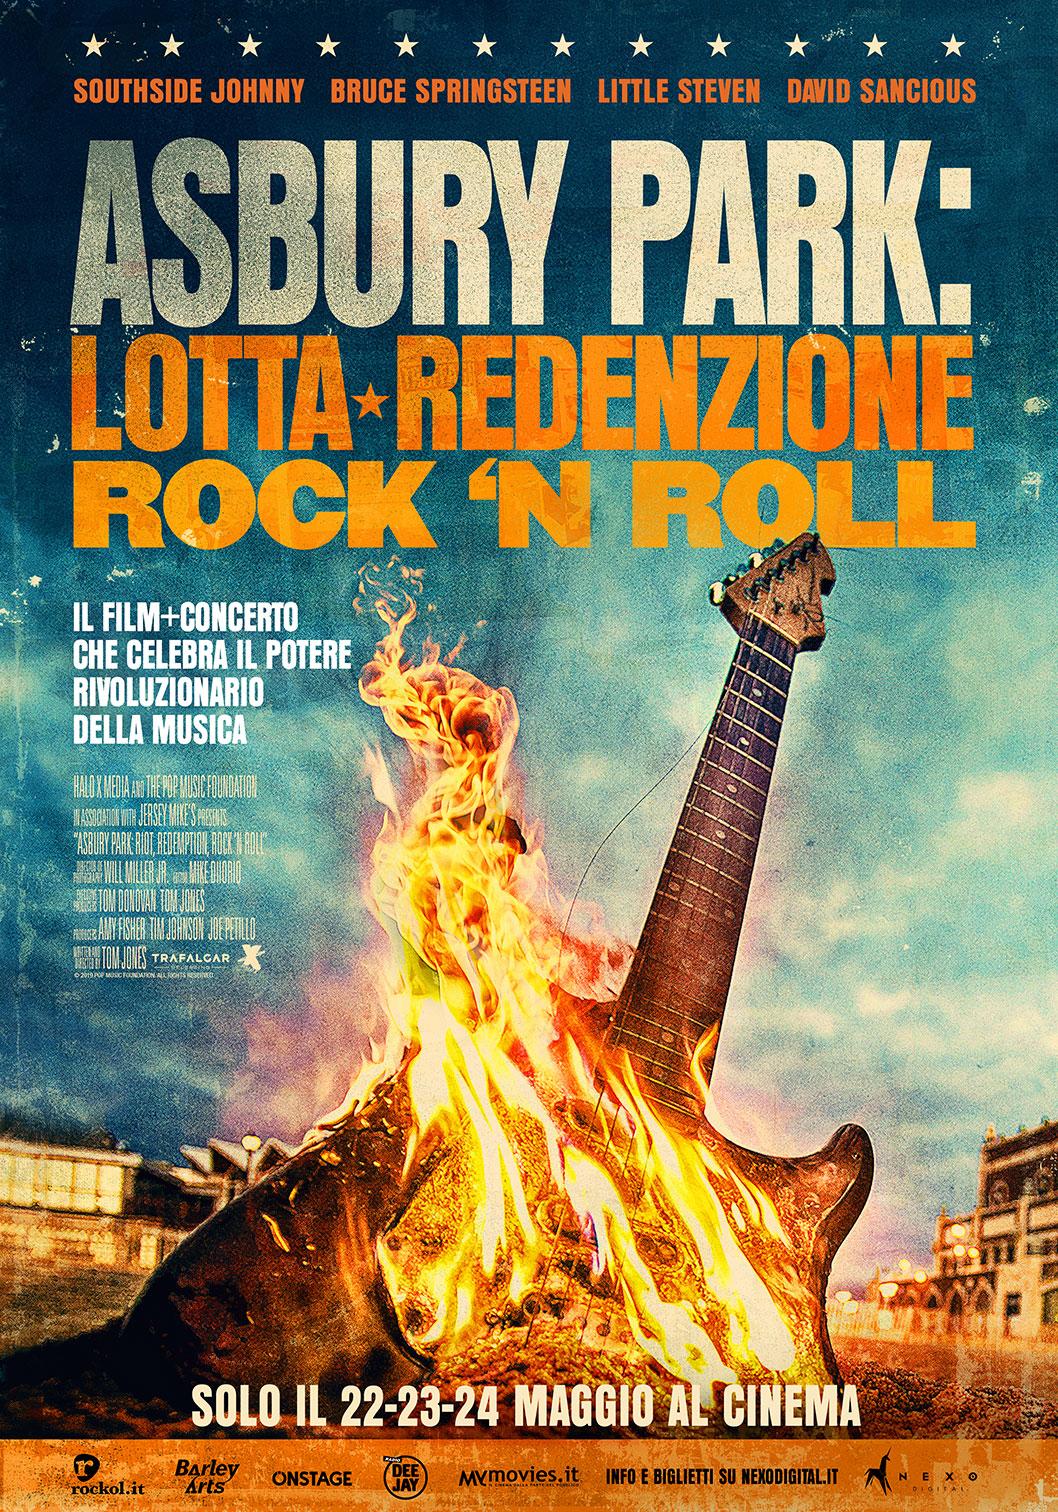 Asbury Park: lotta, redenzione, rock and roll